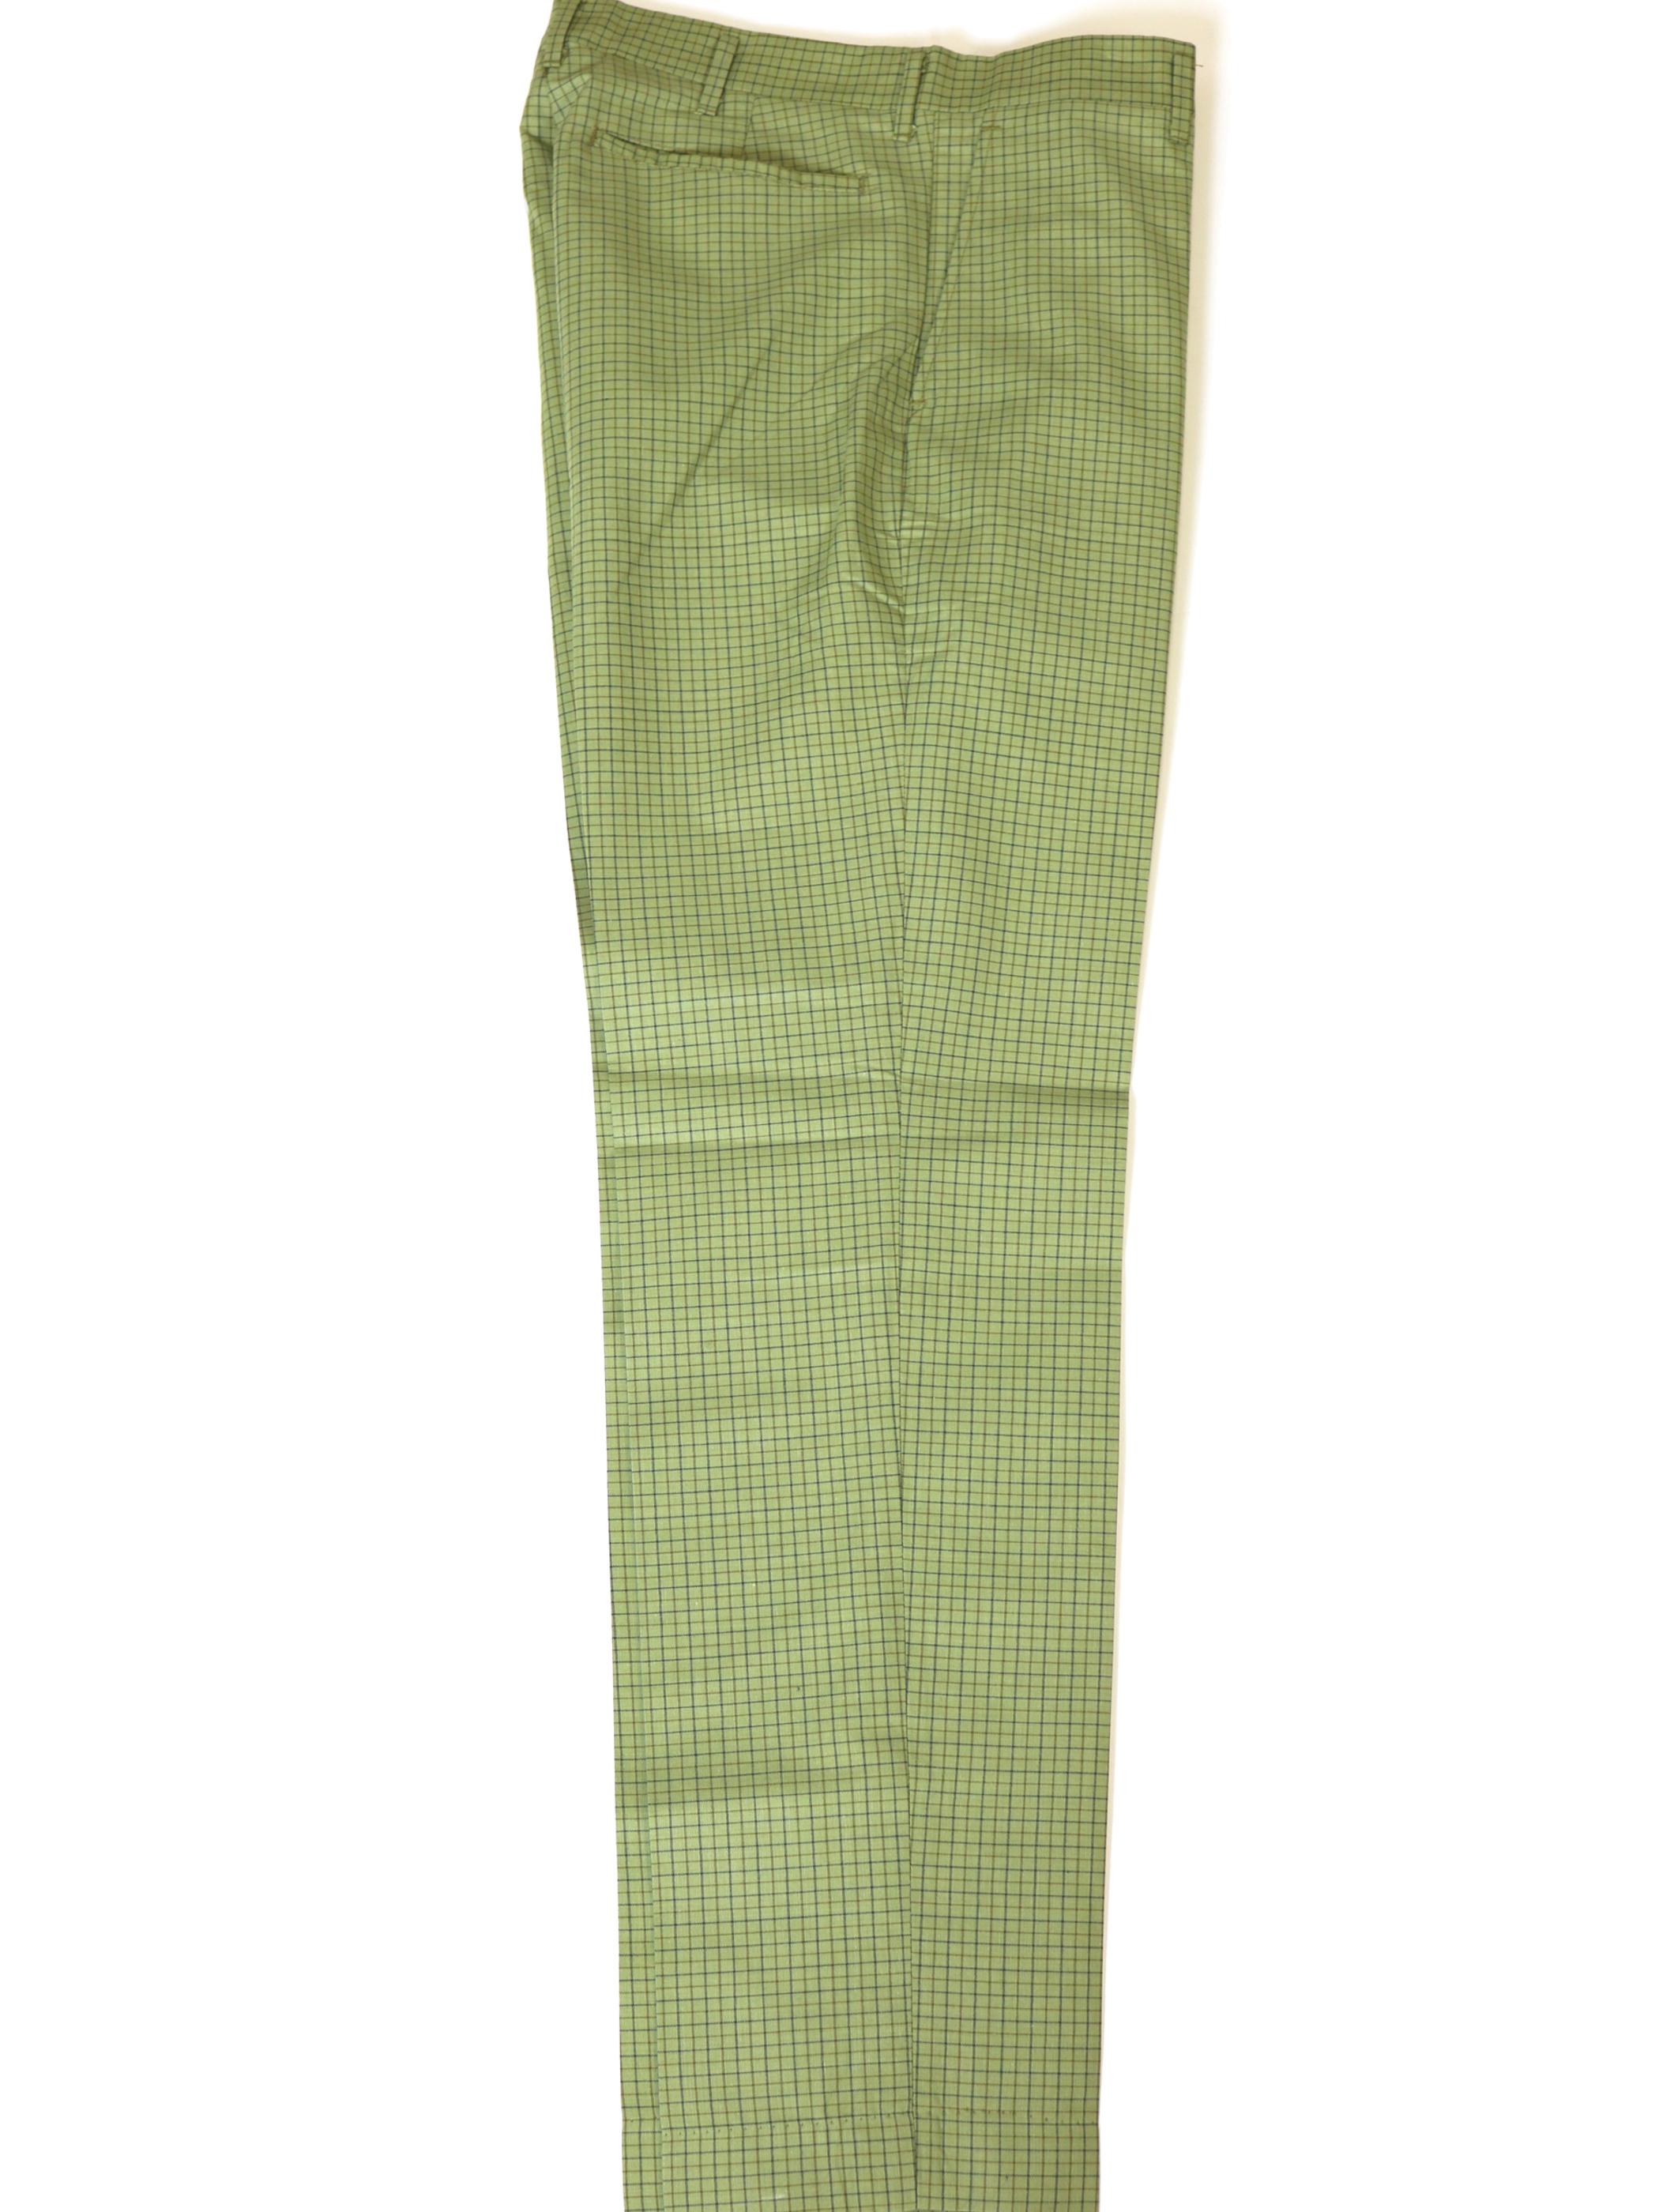 1960's Dead stock SPORT KING Slacks(Green)